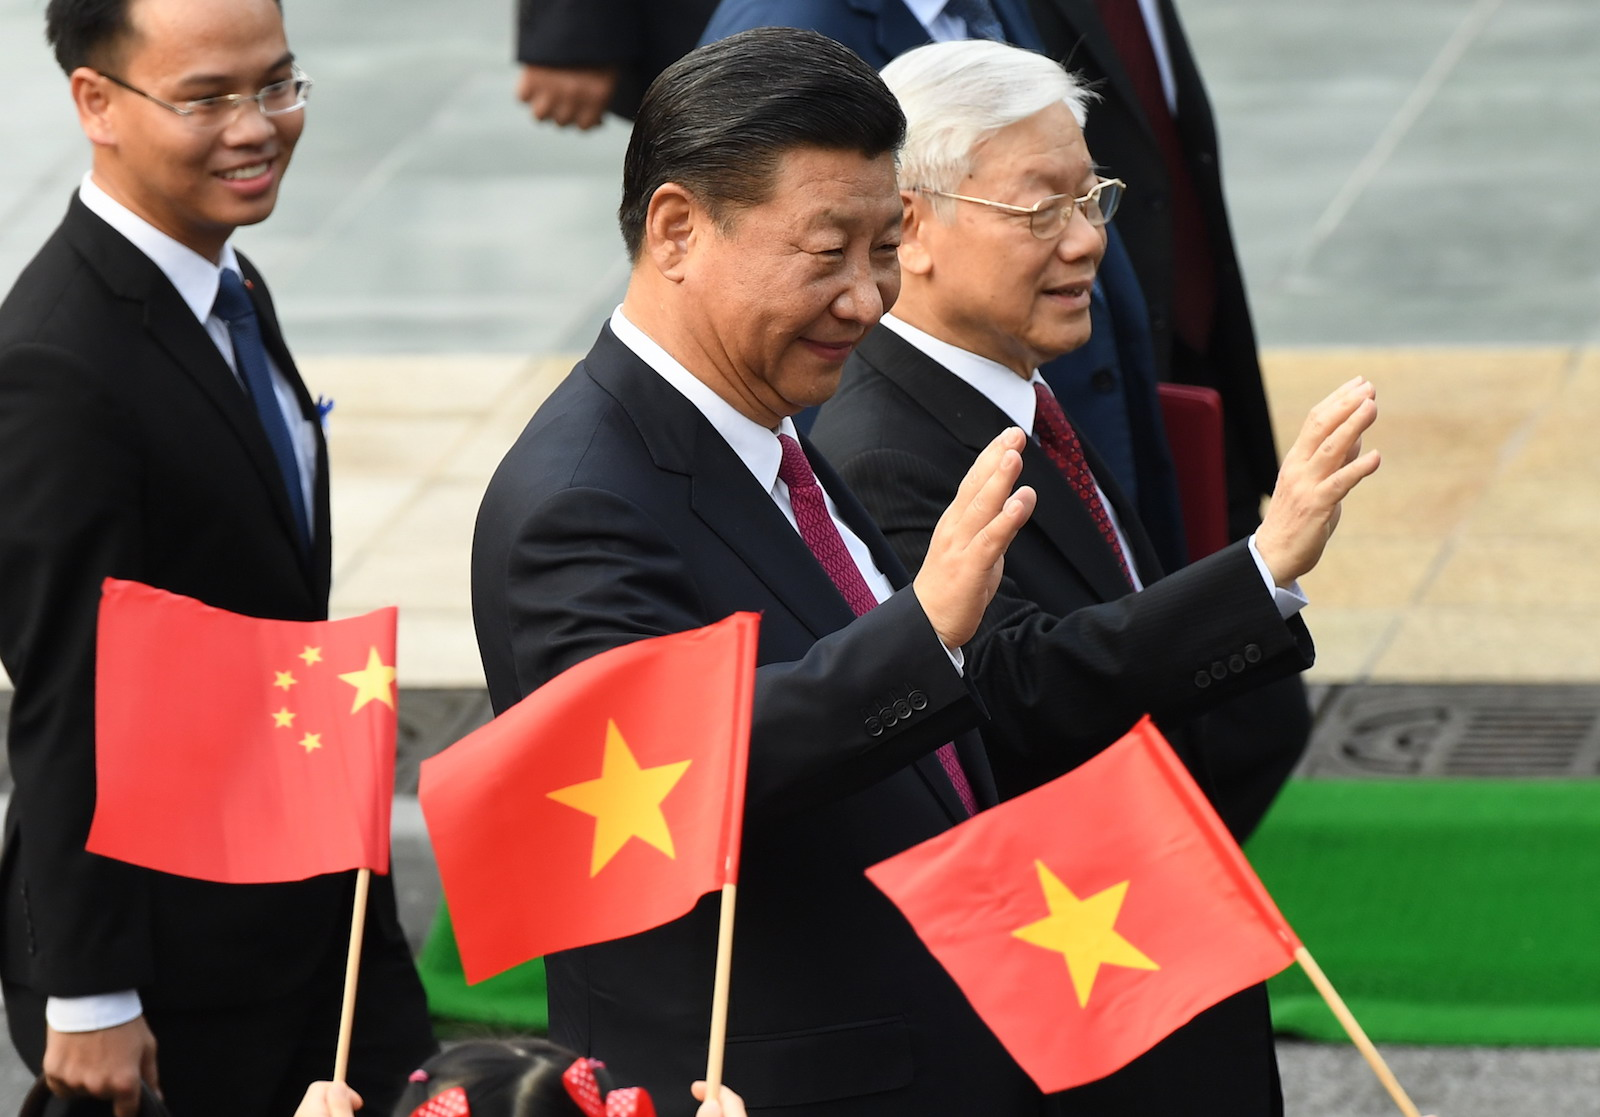 Nhà nghiên cứu David Hurt: Việt Nam rơi vào thế khó khi mâu thuẫn Mỹ – Trung gia tăng